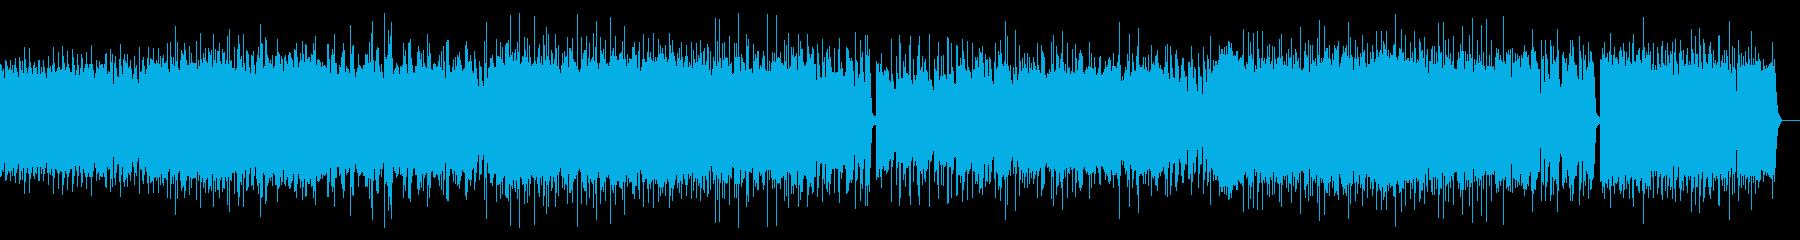 激しいギターによるポップパンクの再生済みの波形